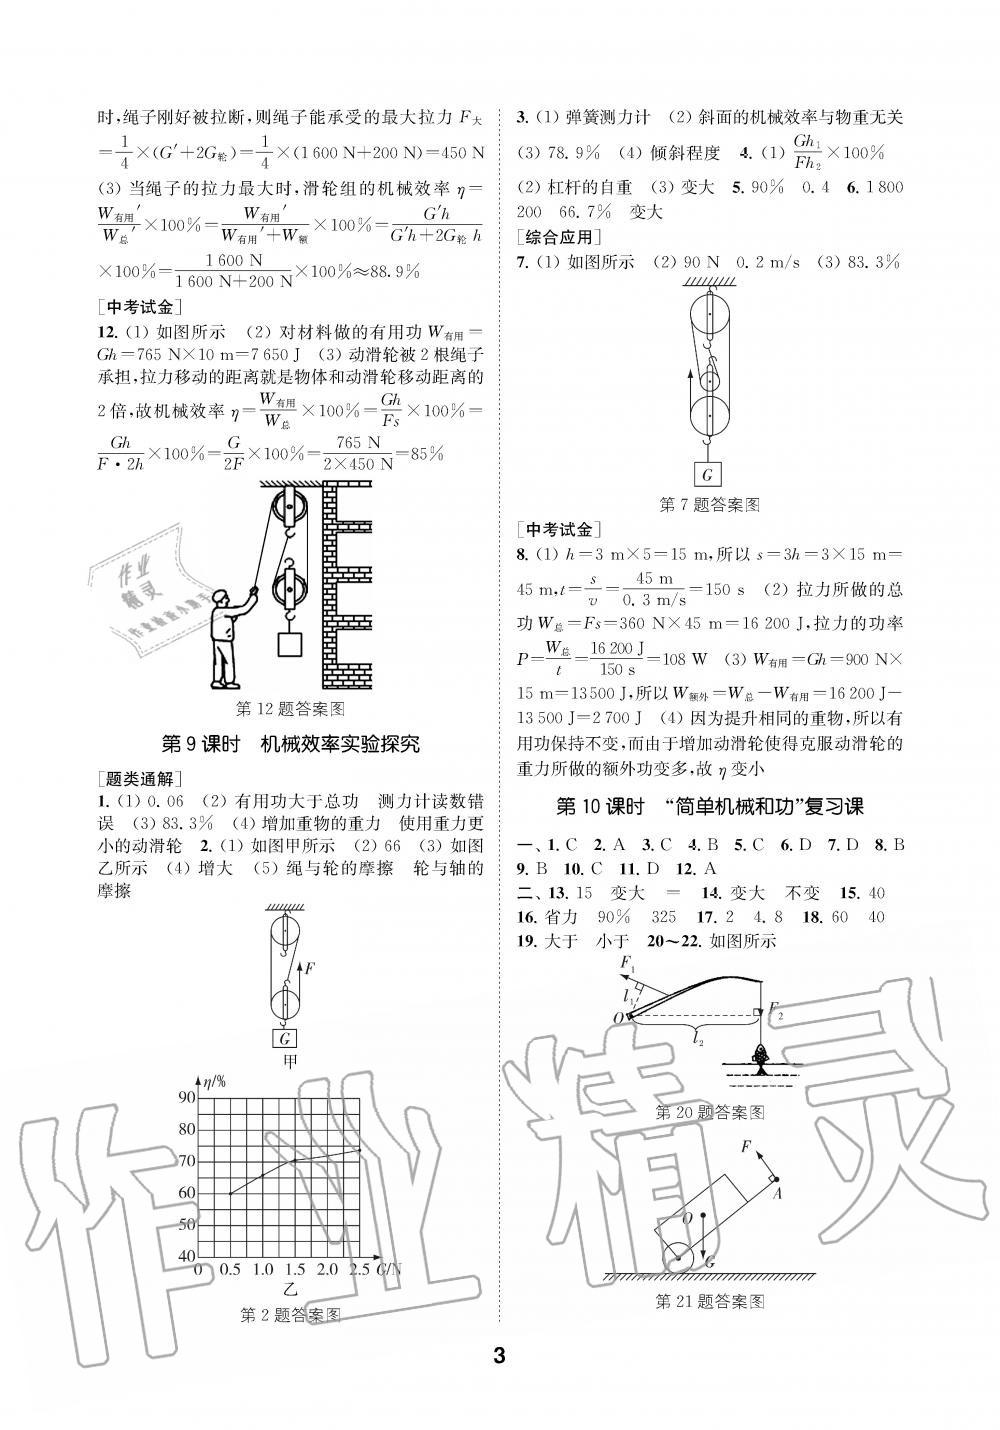 2019年创新优化学案九年级物理上册江苏版第3页